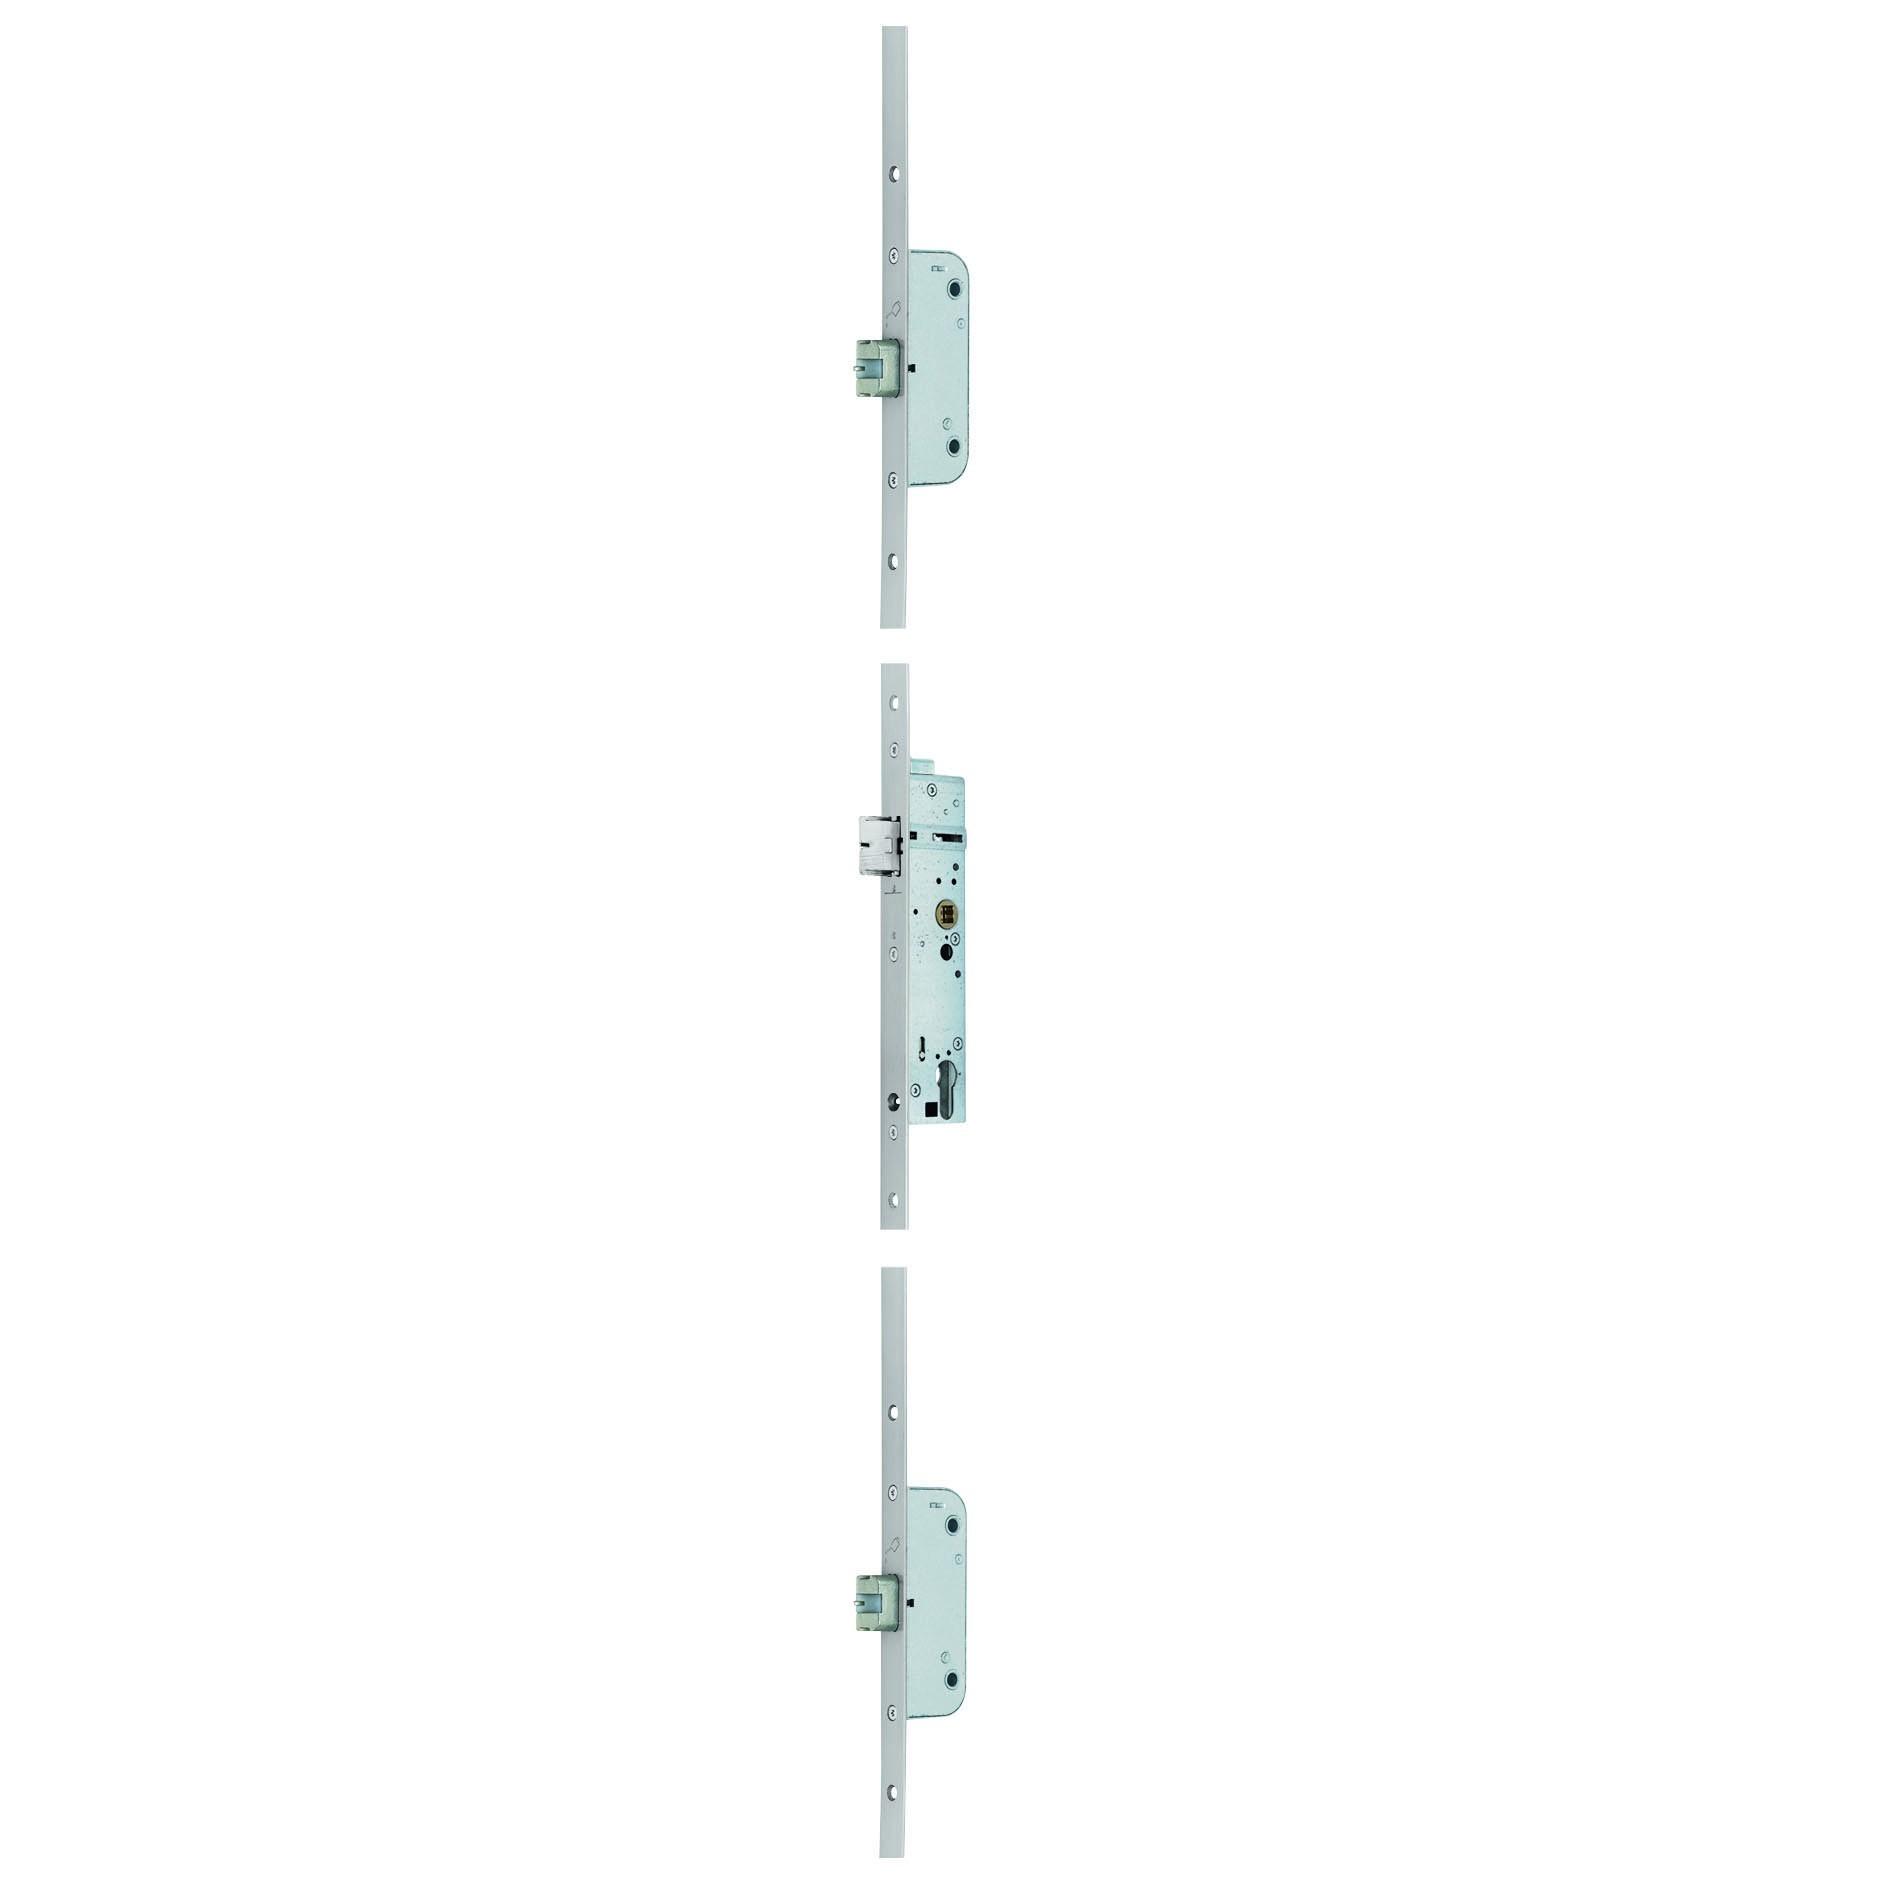 BKS- Panik Mehrfachverriegelung Secury 1910 / 92 / 35 / 9 / F24x2285x3mm